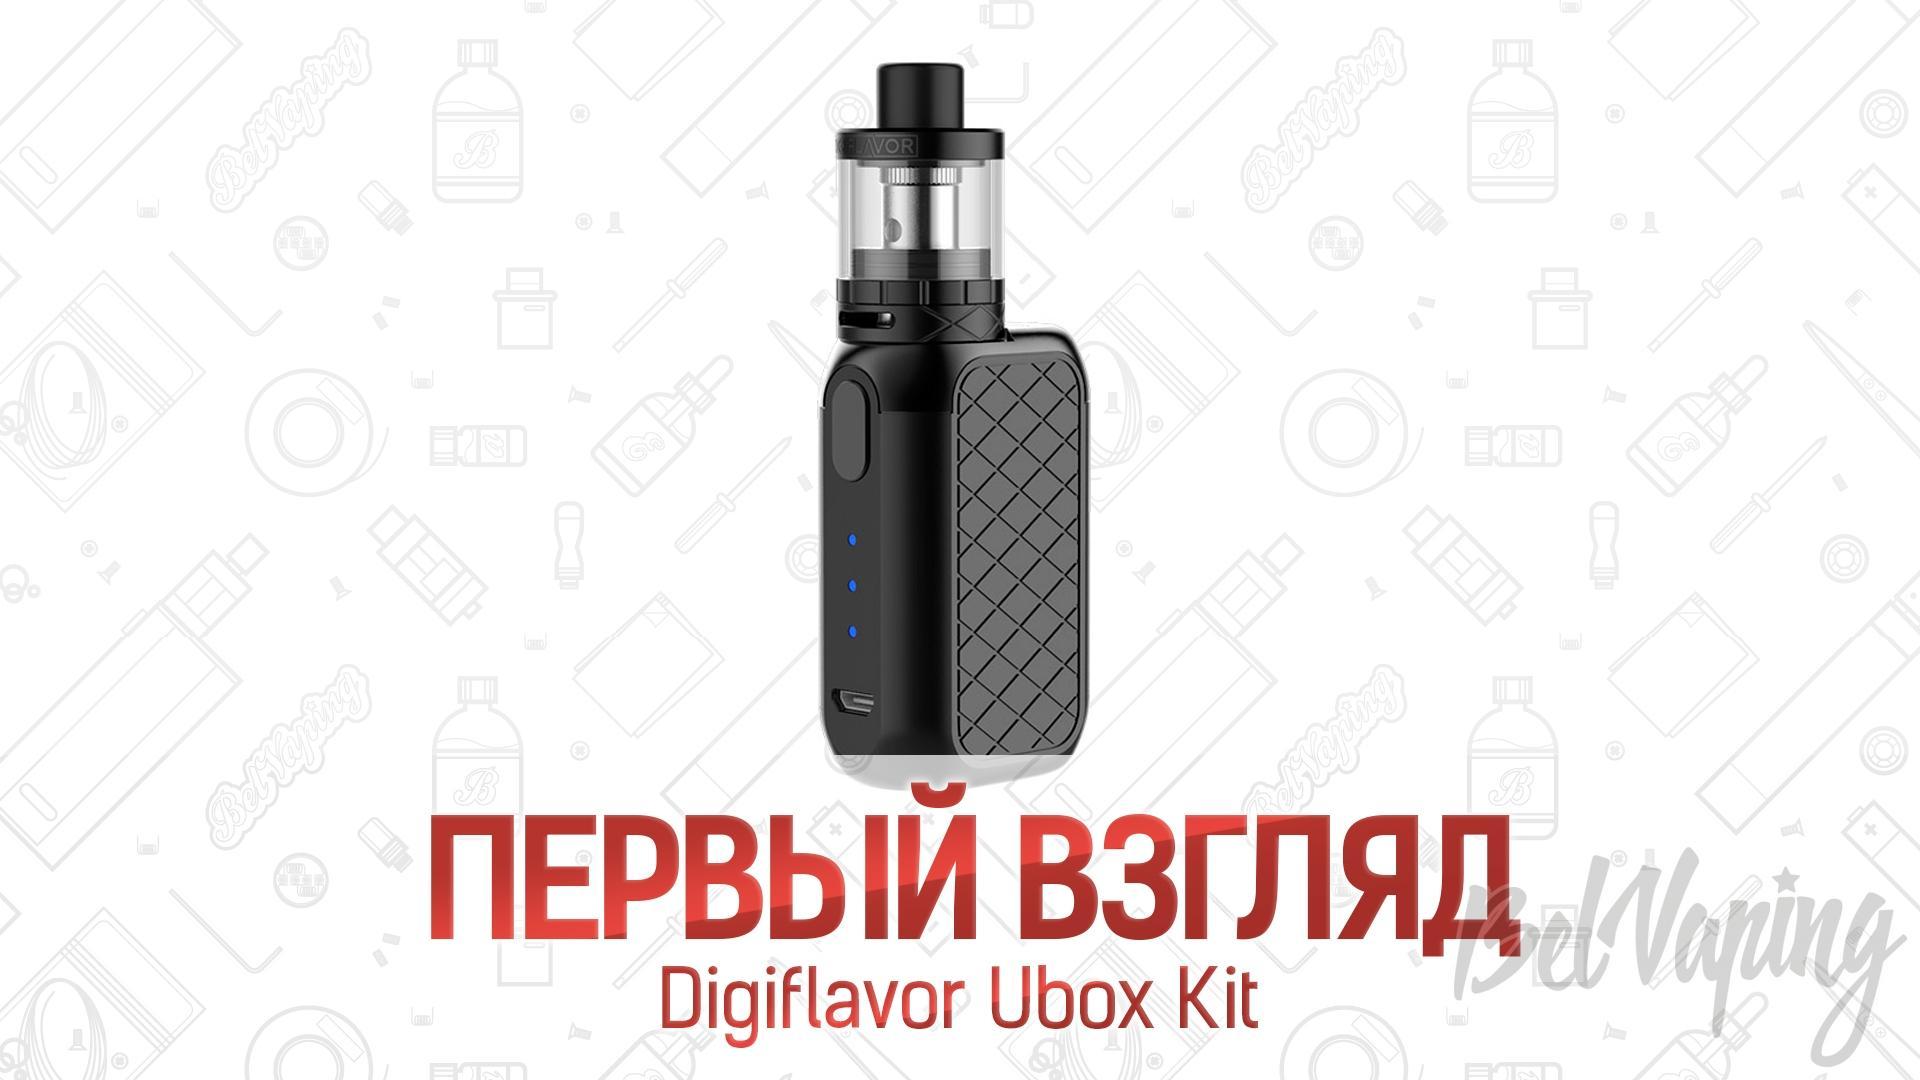 Digiflavor Ubox Kit. Первый взгляд